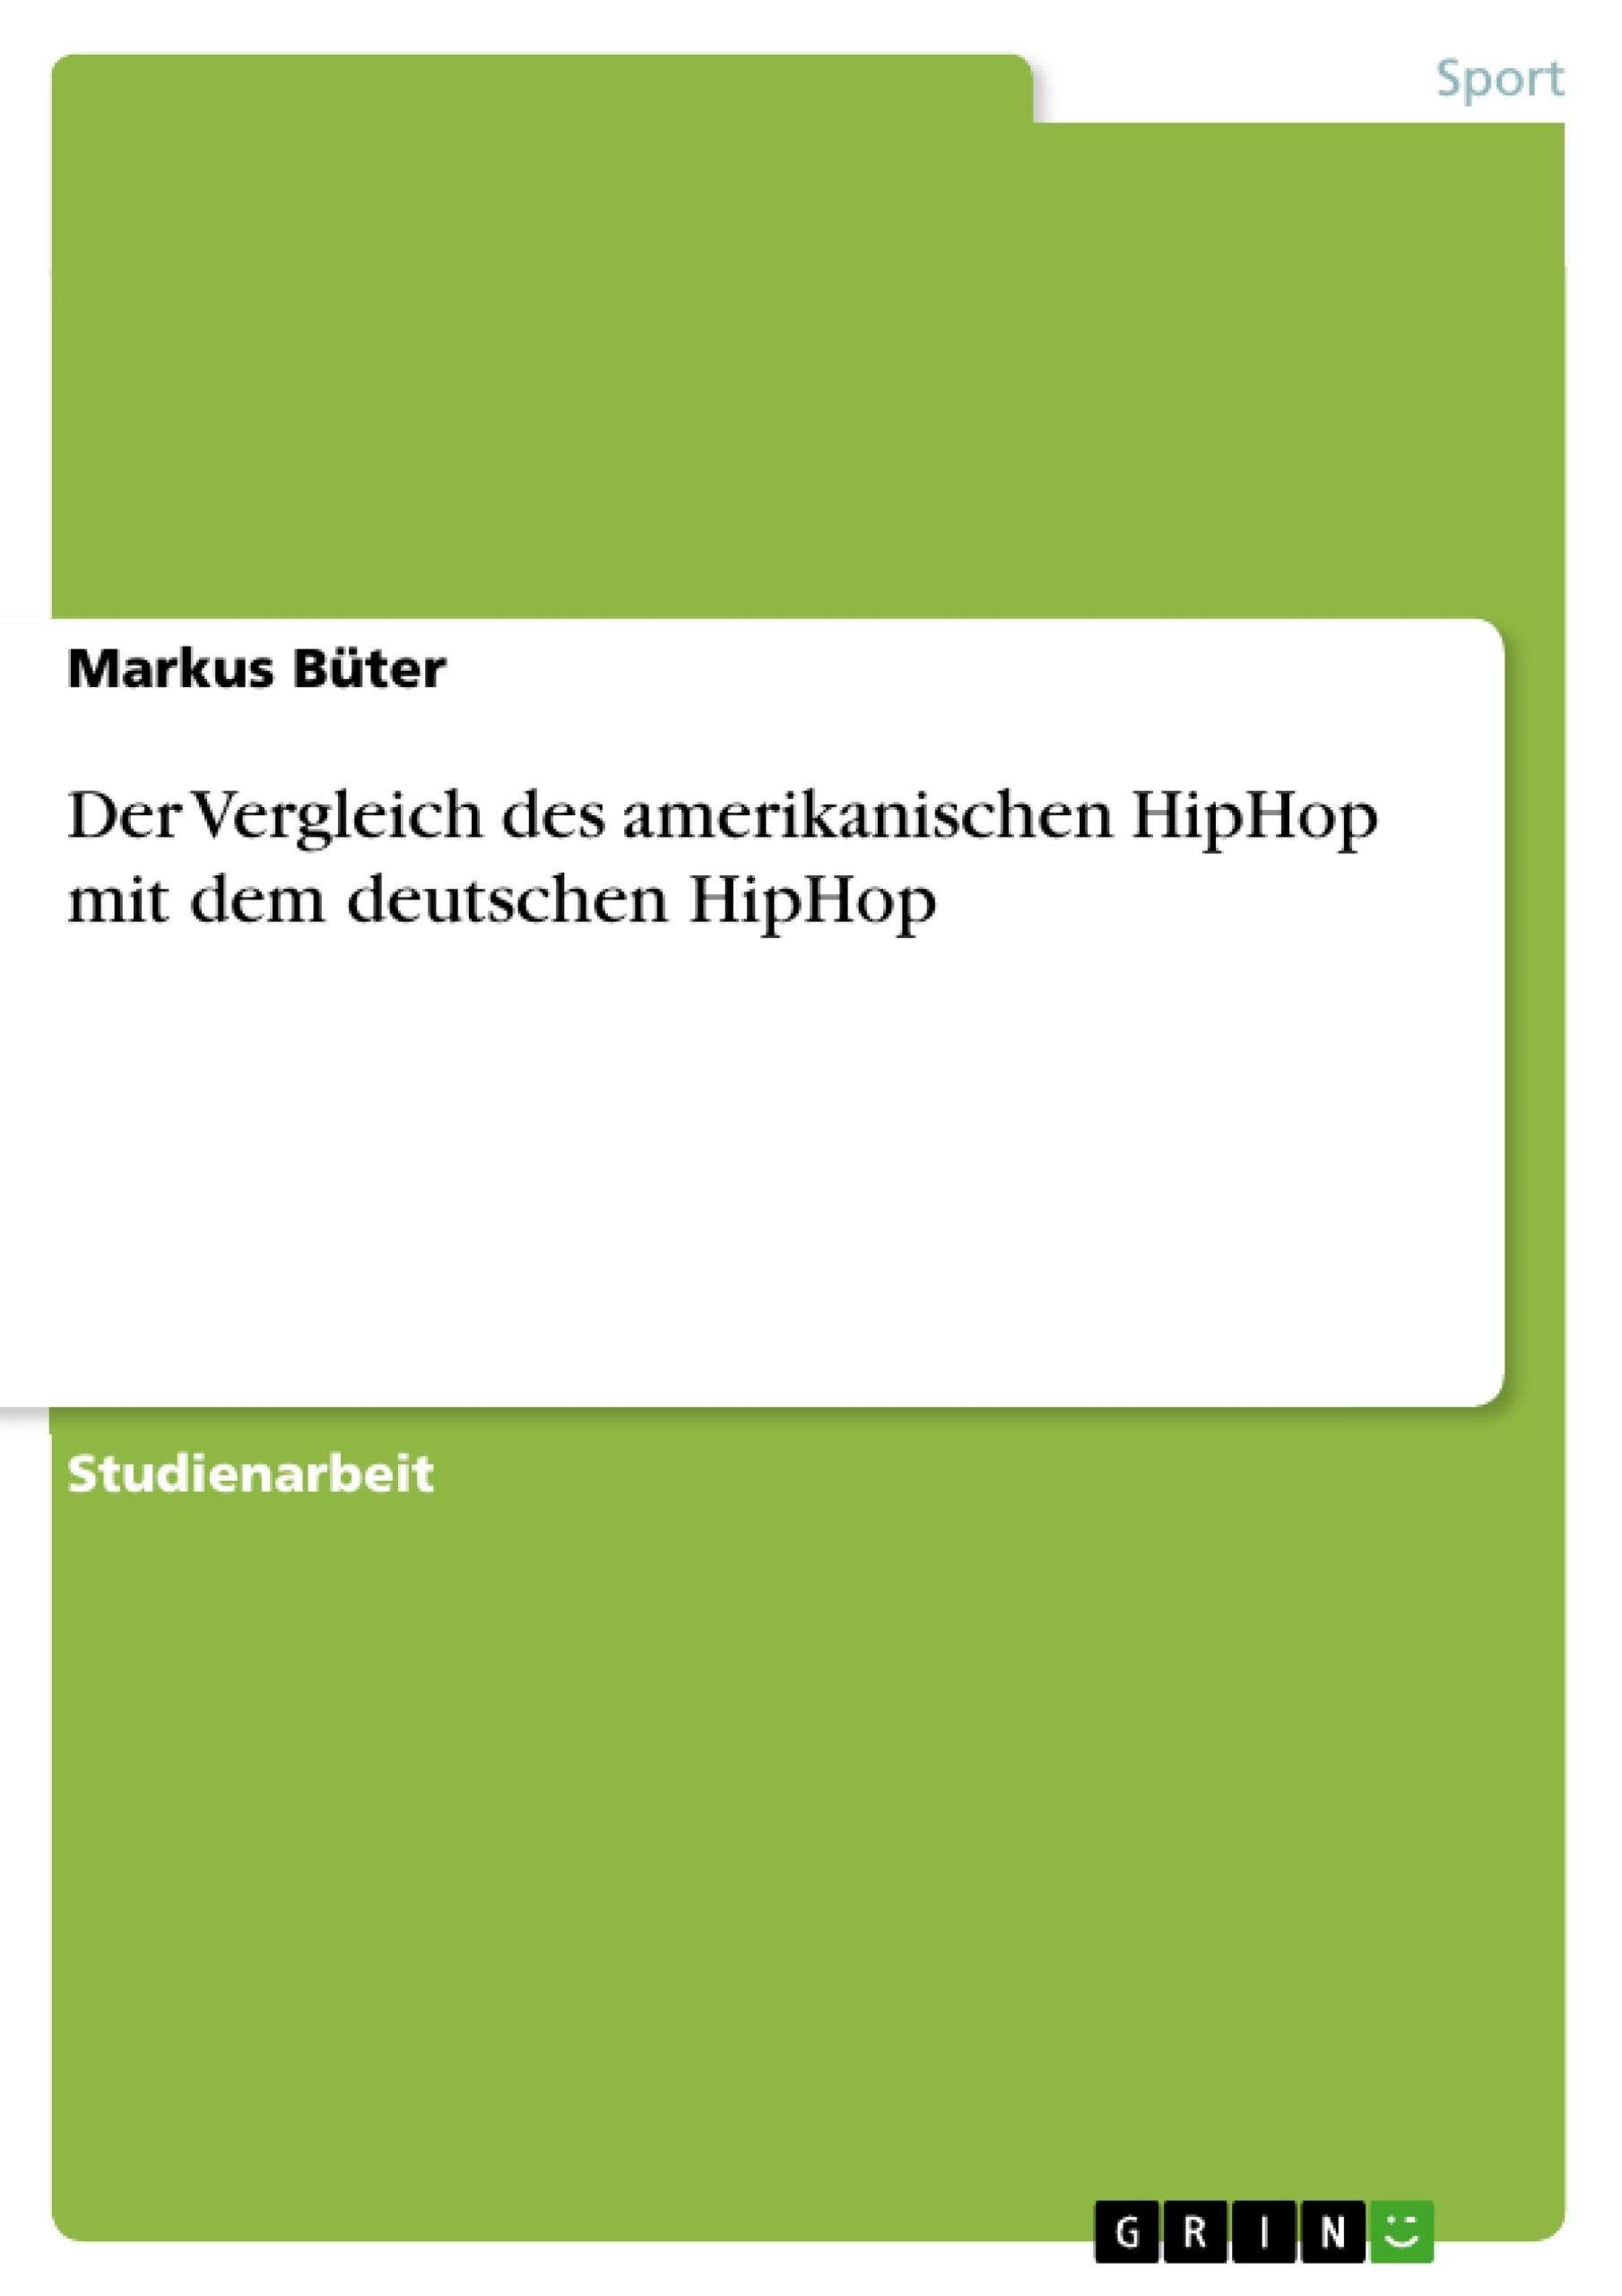 Titel: Der Vergleich des amerikanischen HipHop mit dem deutschen HipHop